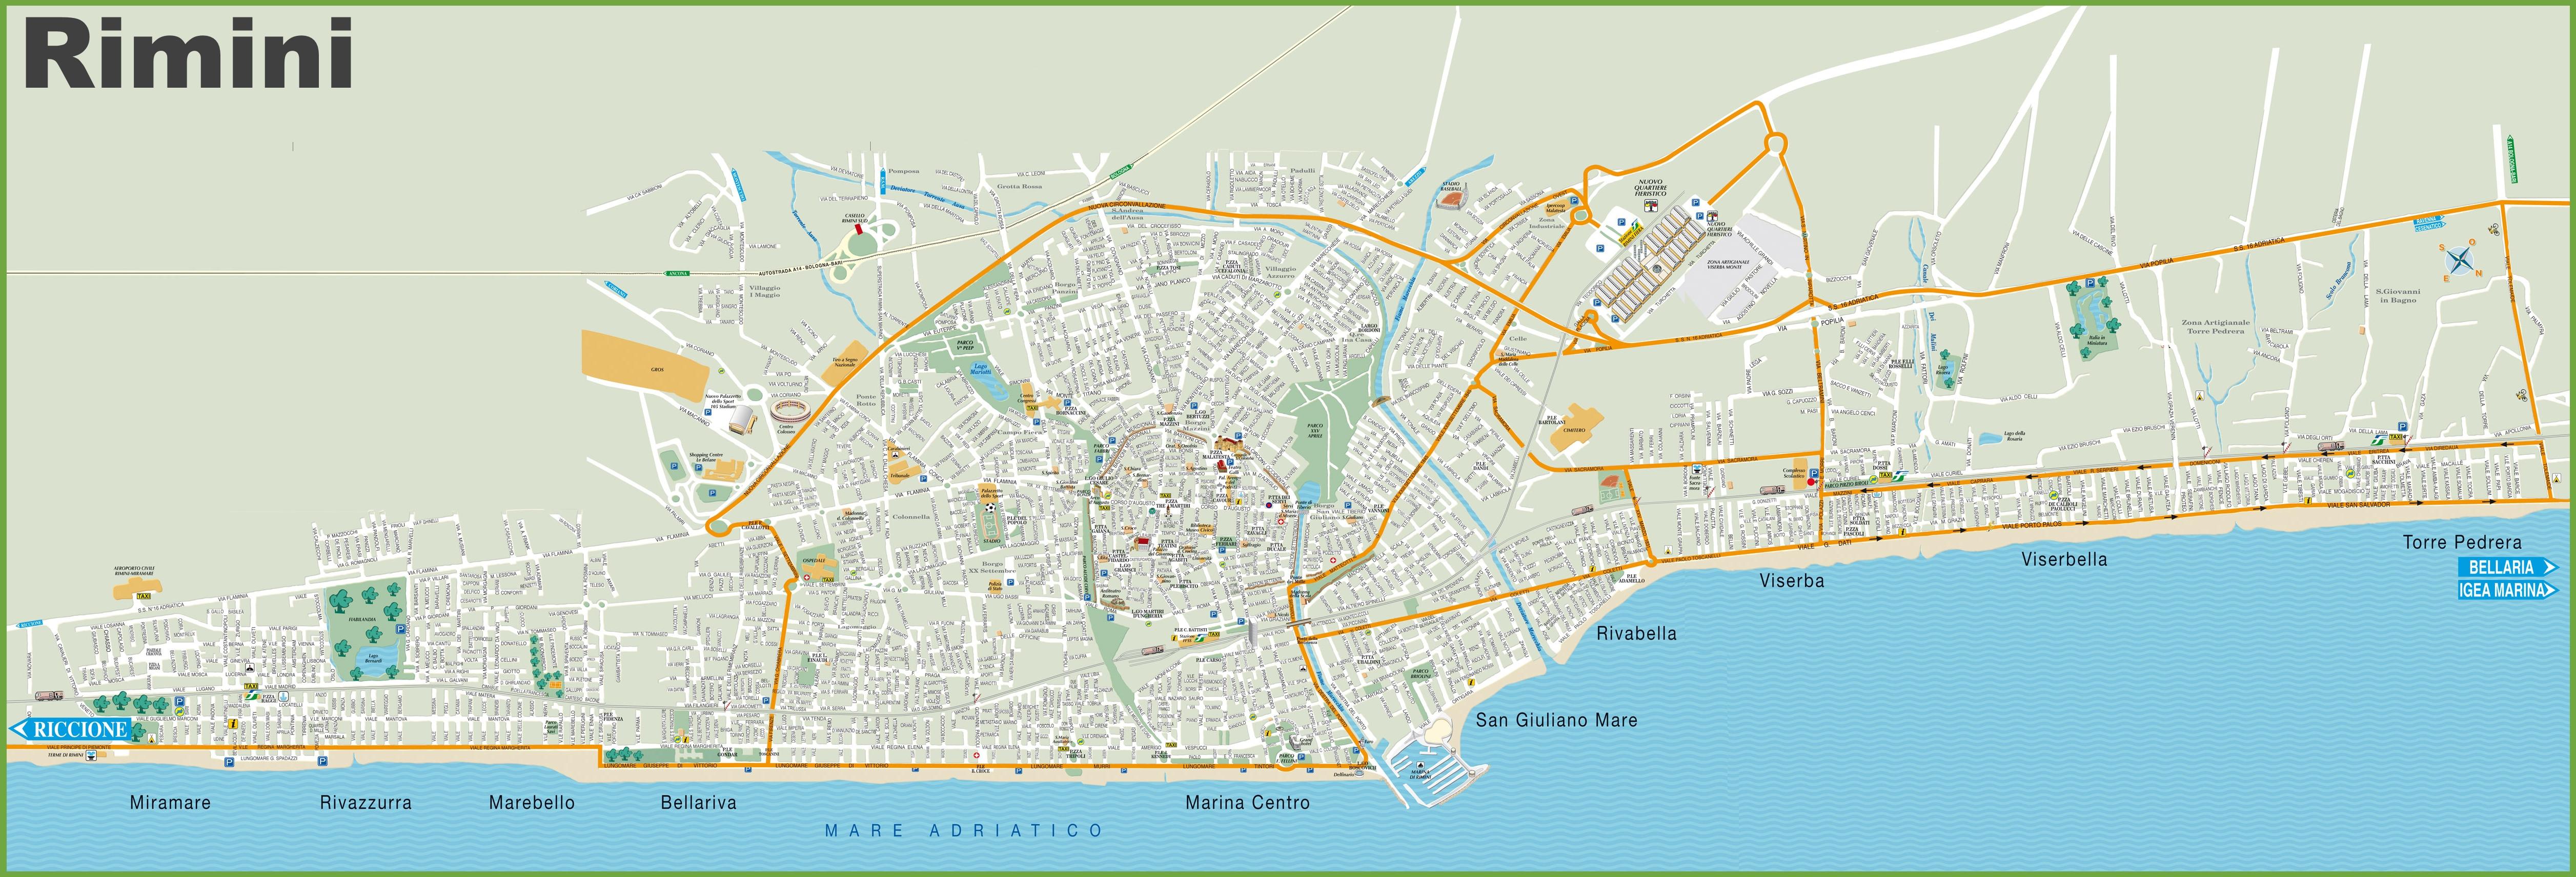 Rimini tourist map